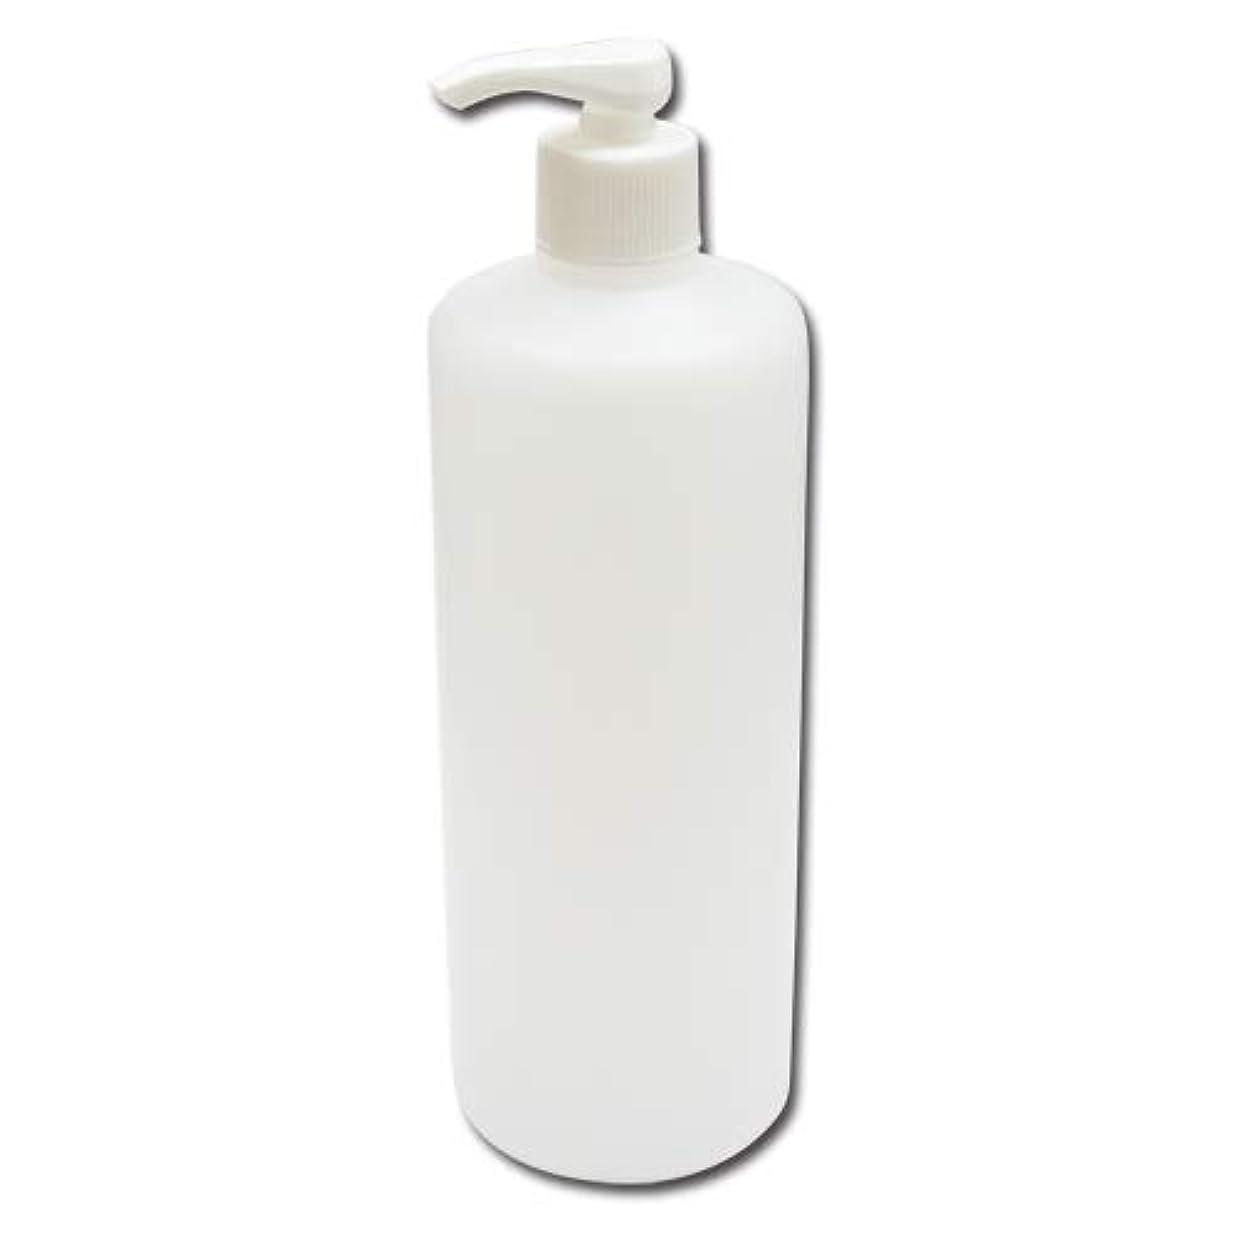 アレンジゼリー証人ポンプボトル詰め替え容器500ml│ディスペンサー詰め替え容器/業務用シャンプー?ボディーソープの小分けにポンプ容器 広口タイプ